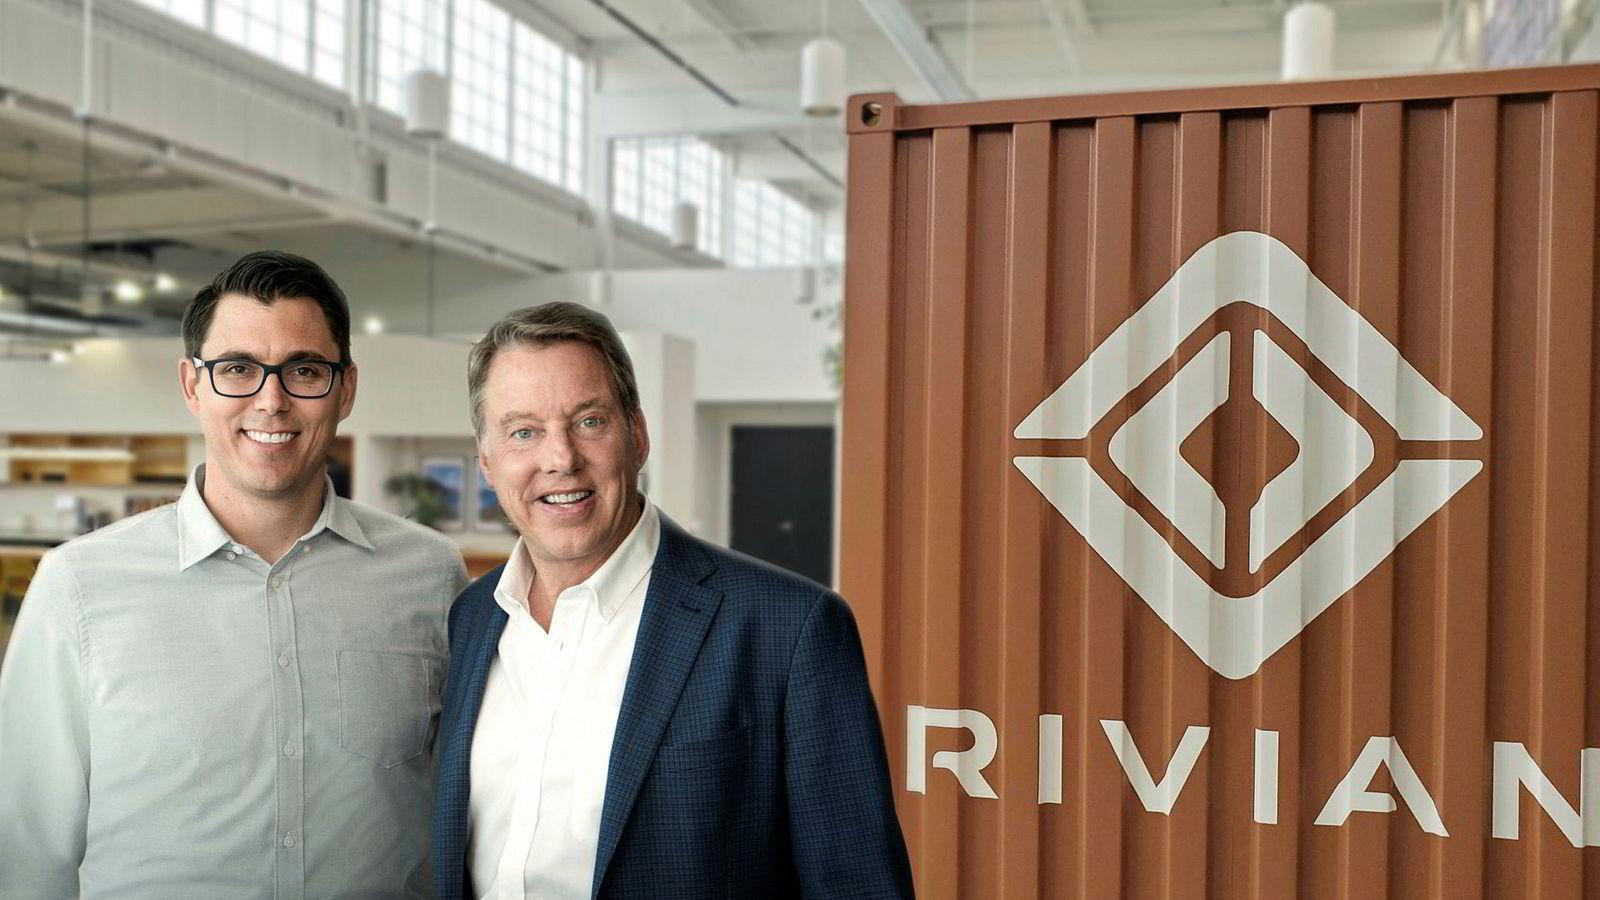 Fra venstre RJ Scaringe, som er grunnlegger og sjef for Rivian sammen med Bill Ford i Ford.